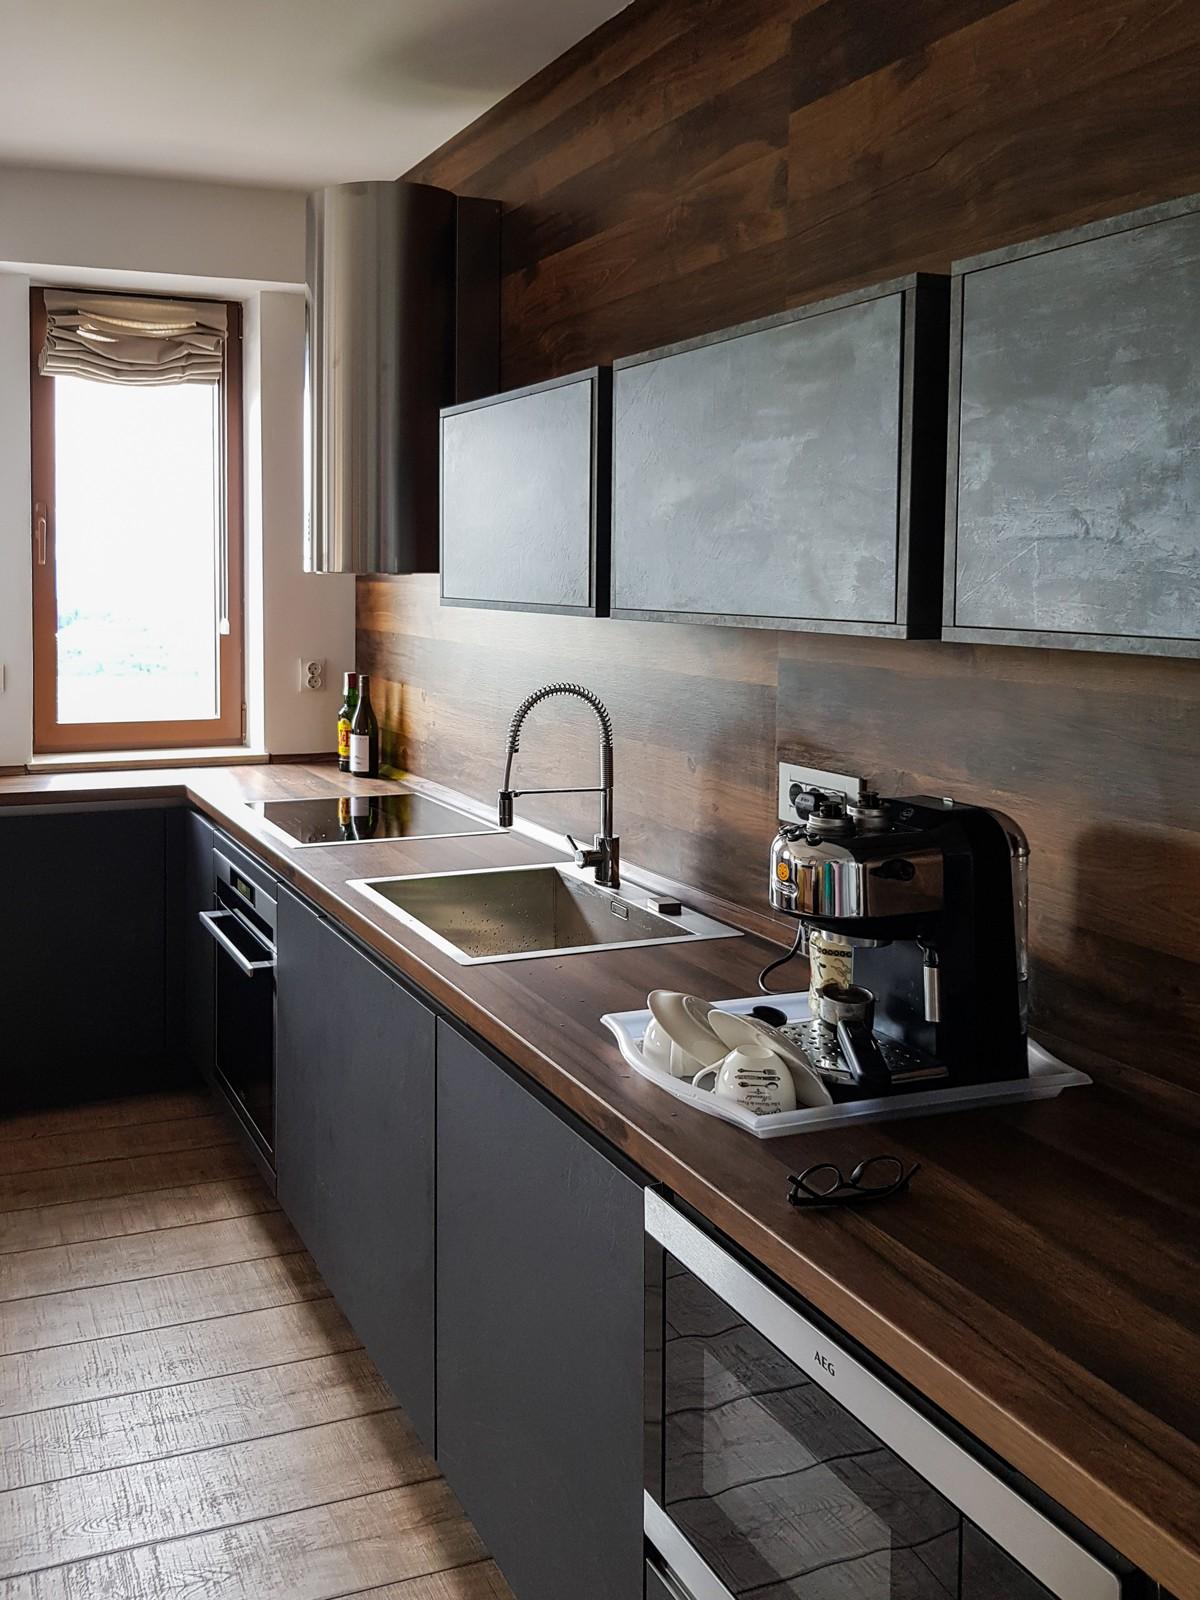 Referință - Bucătărie modernă Nobilia Stoneart - Ardezie Gri / Caledonia